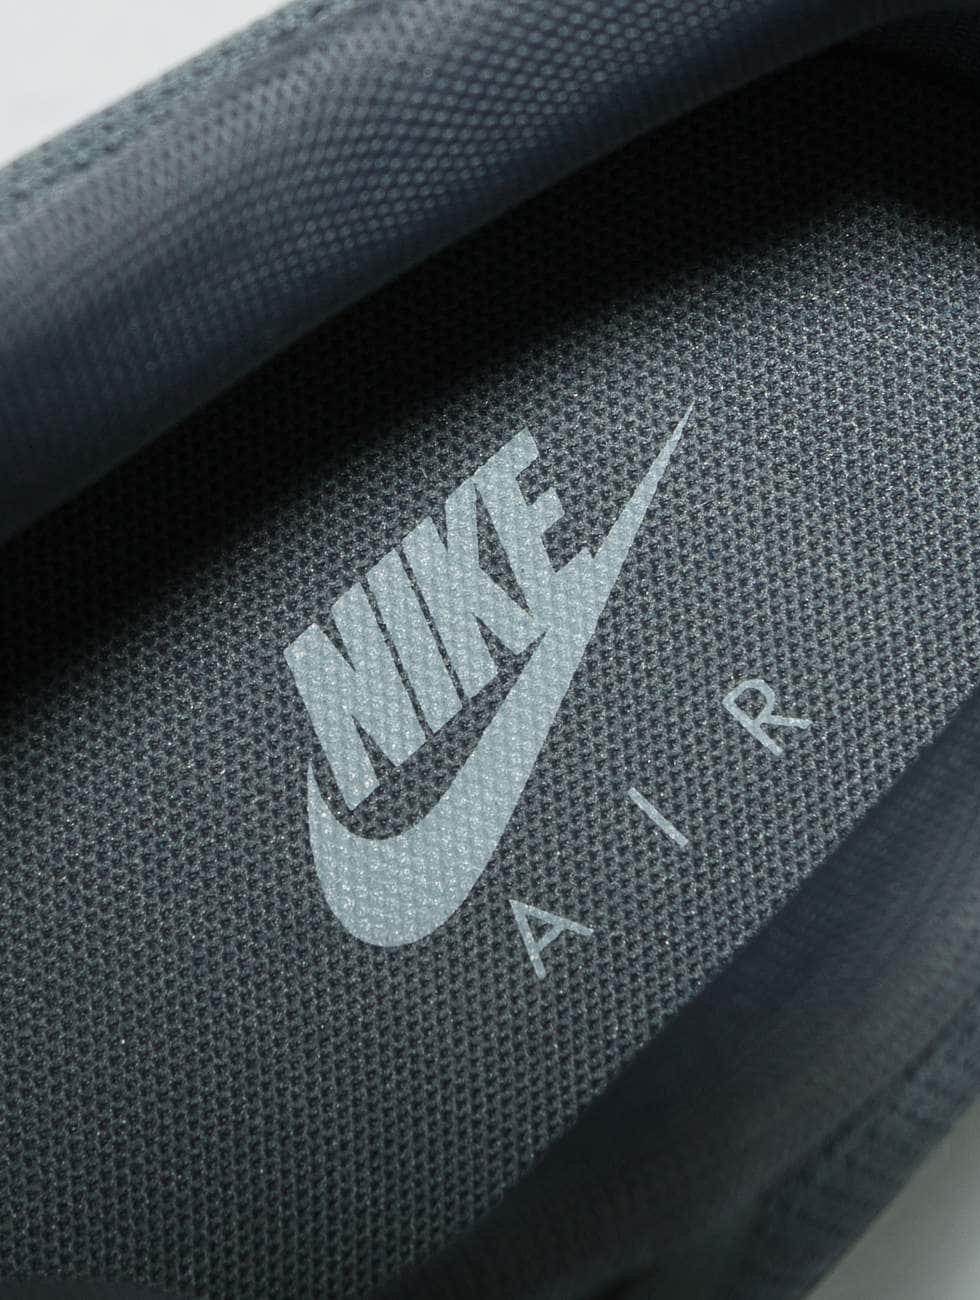 Air Chaussure / Basket Nike Max 90 2.0 Ultra Essentiel En Gris 496778 vue Acheter Pas Cher Obtenir Authentique Vente Pas Cher Nice Faux À Vendre Édition Limitée À Vendre 5hi2H2ft